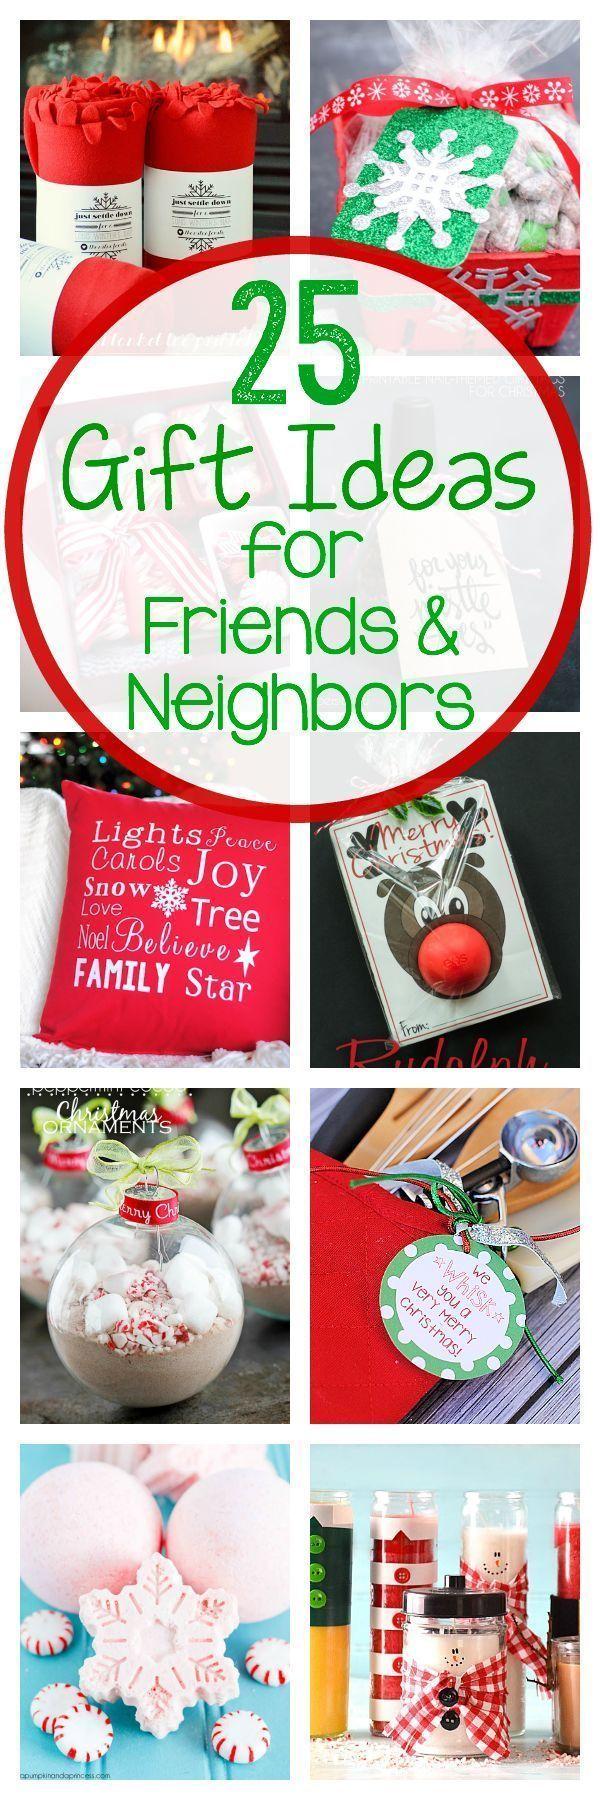 25 tolle Geschenkideen für Freunde und Nachbarn-So viele süße Ideen ...